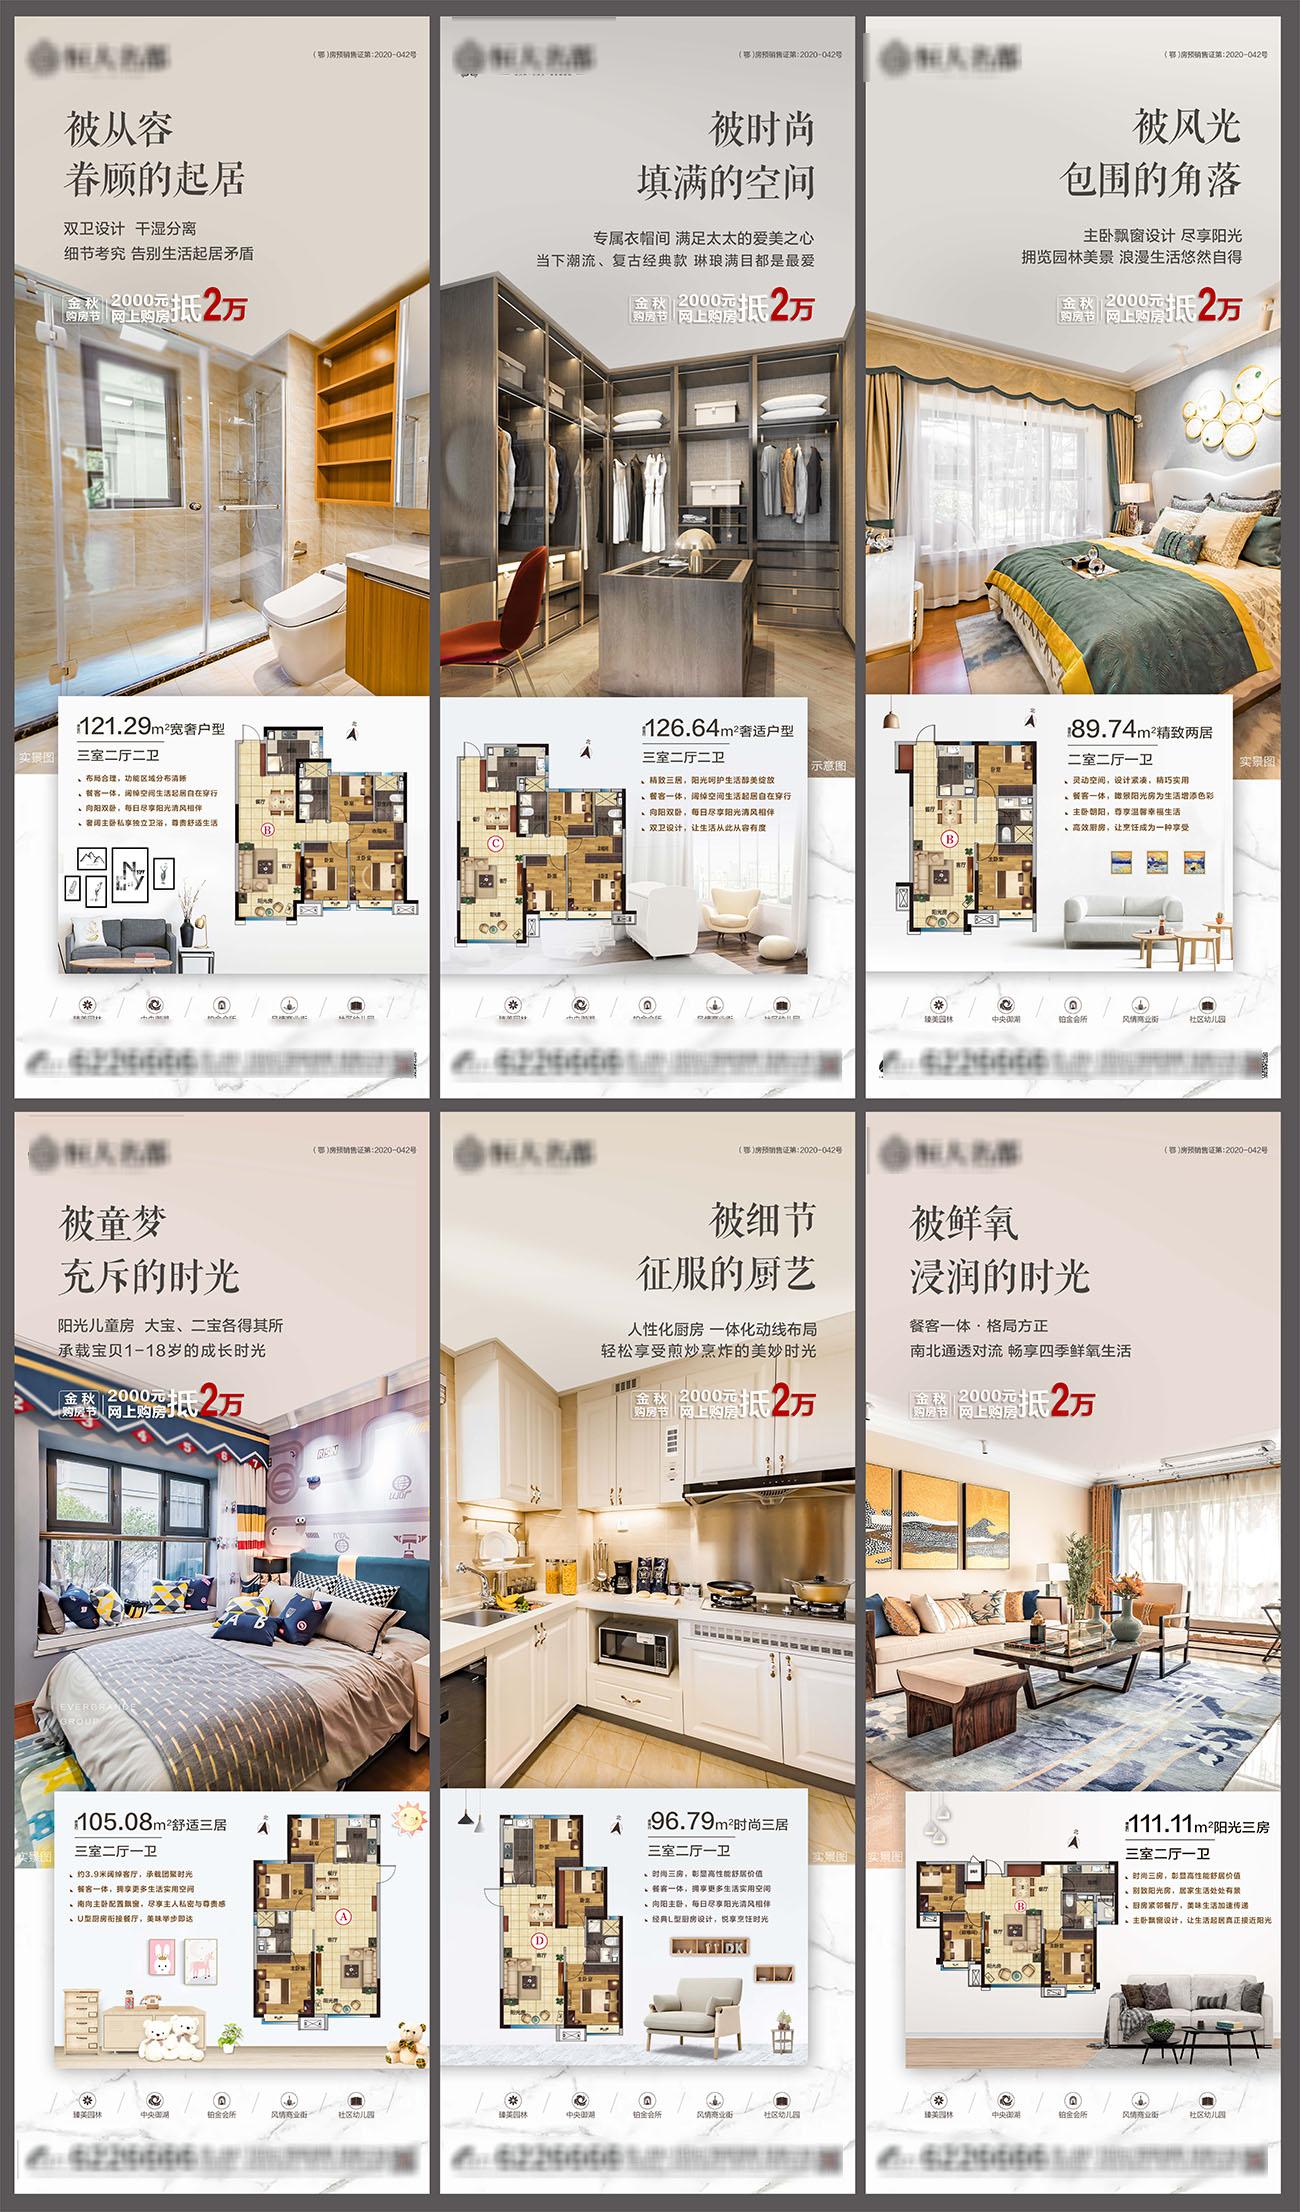 地产住宅户型特点价值点海报PSD源文件插图